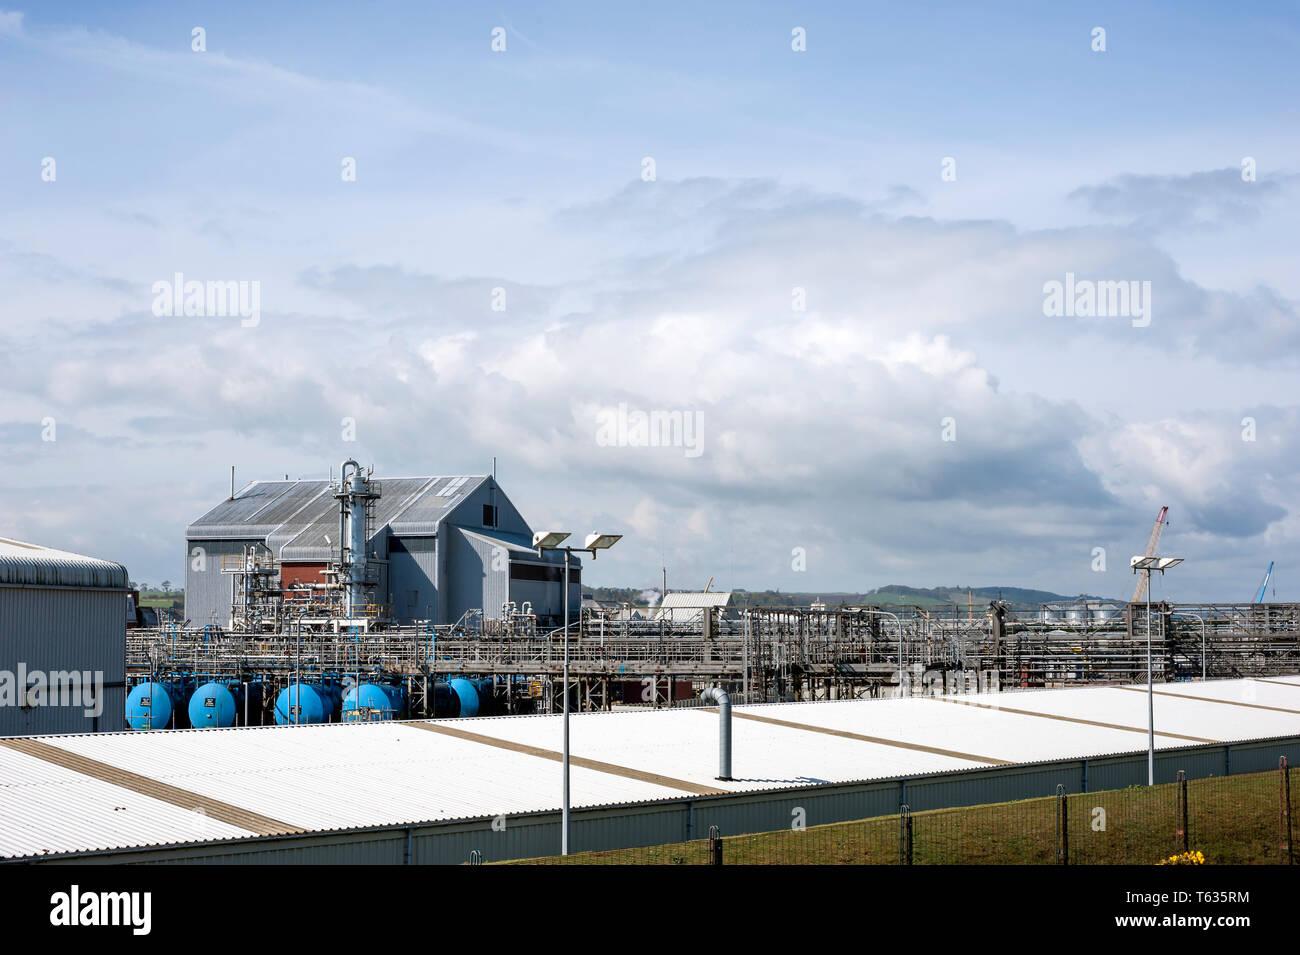 GlaxoSmithKline manufacturing plant, Montrose, Angus, Scotland, uk. - Stock Image